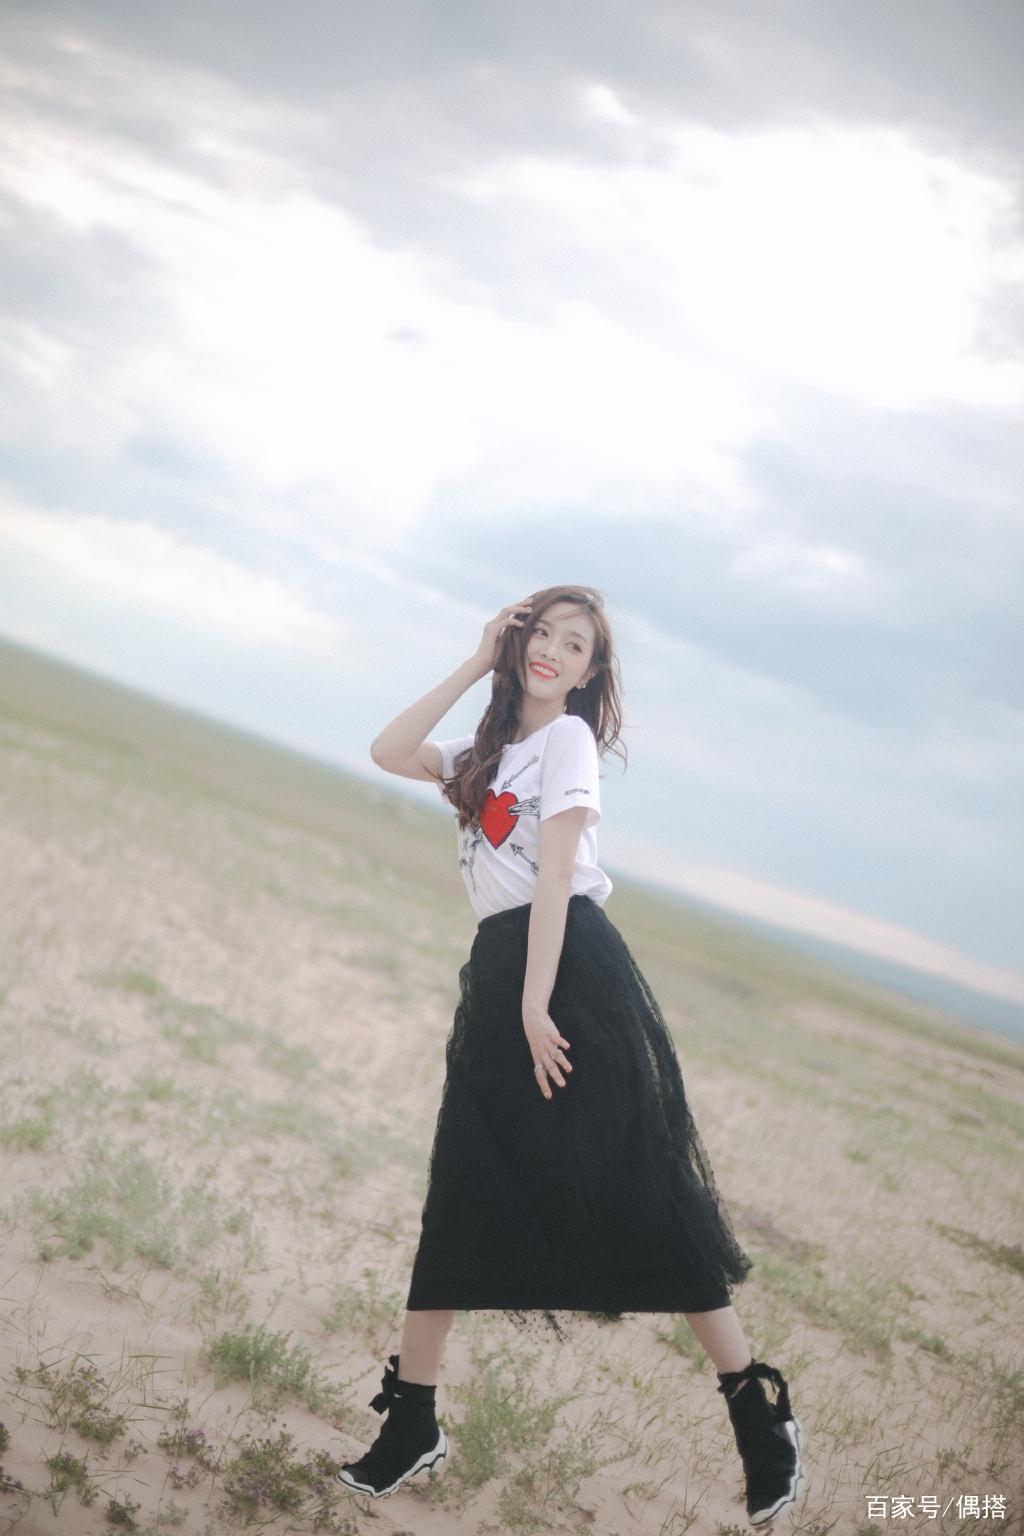 火箭少女吴宣仪厉害了!蕾丝边吊带裙走机场,清凉又撩人,被圈粉